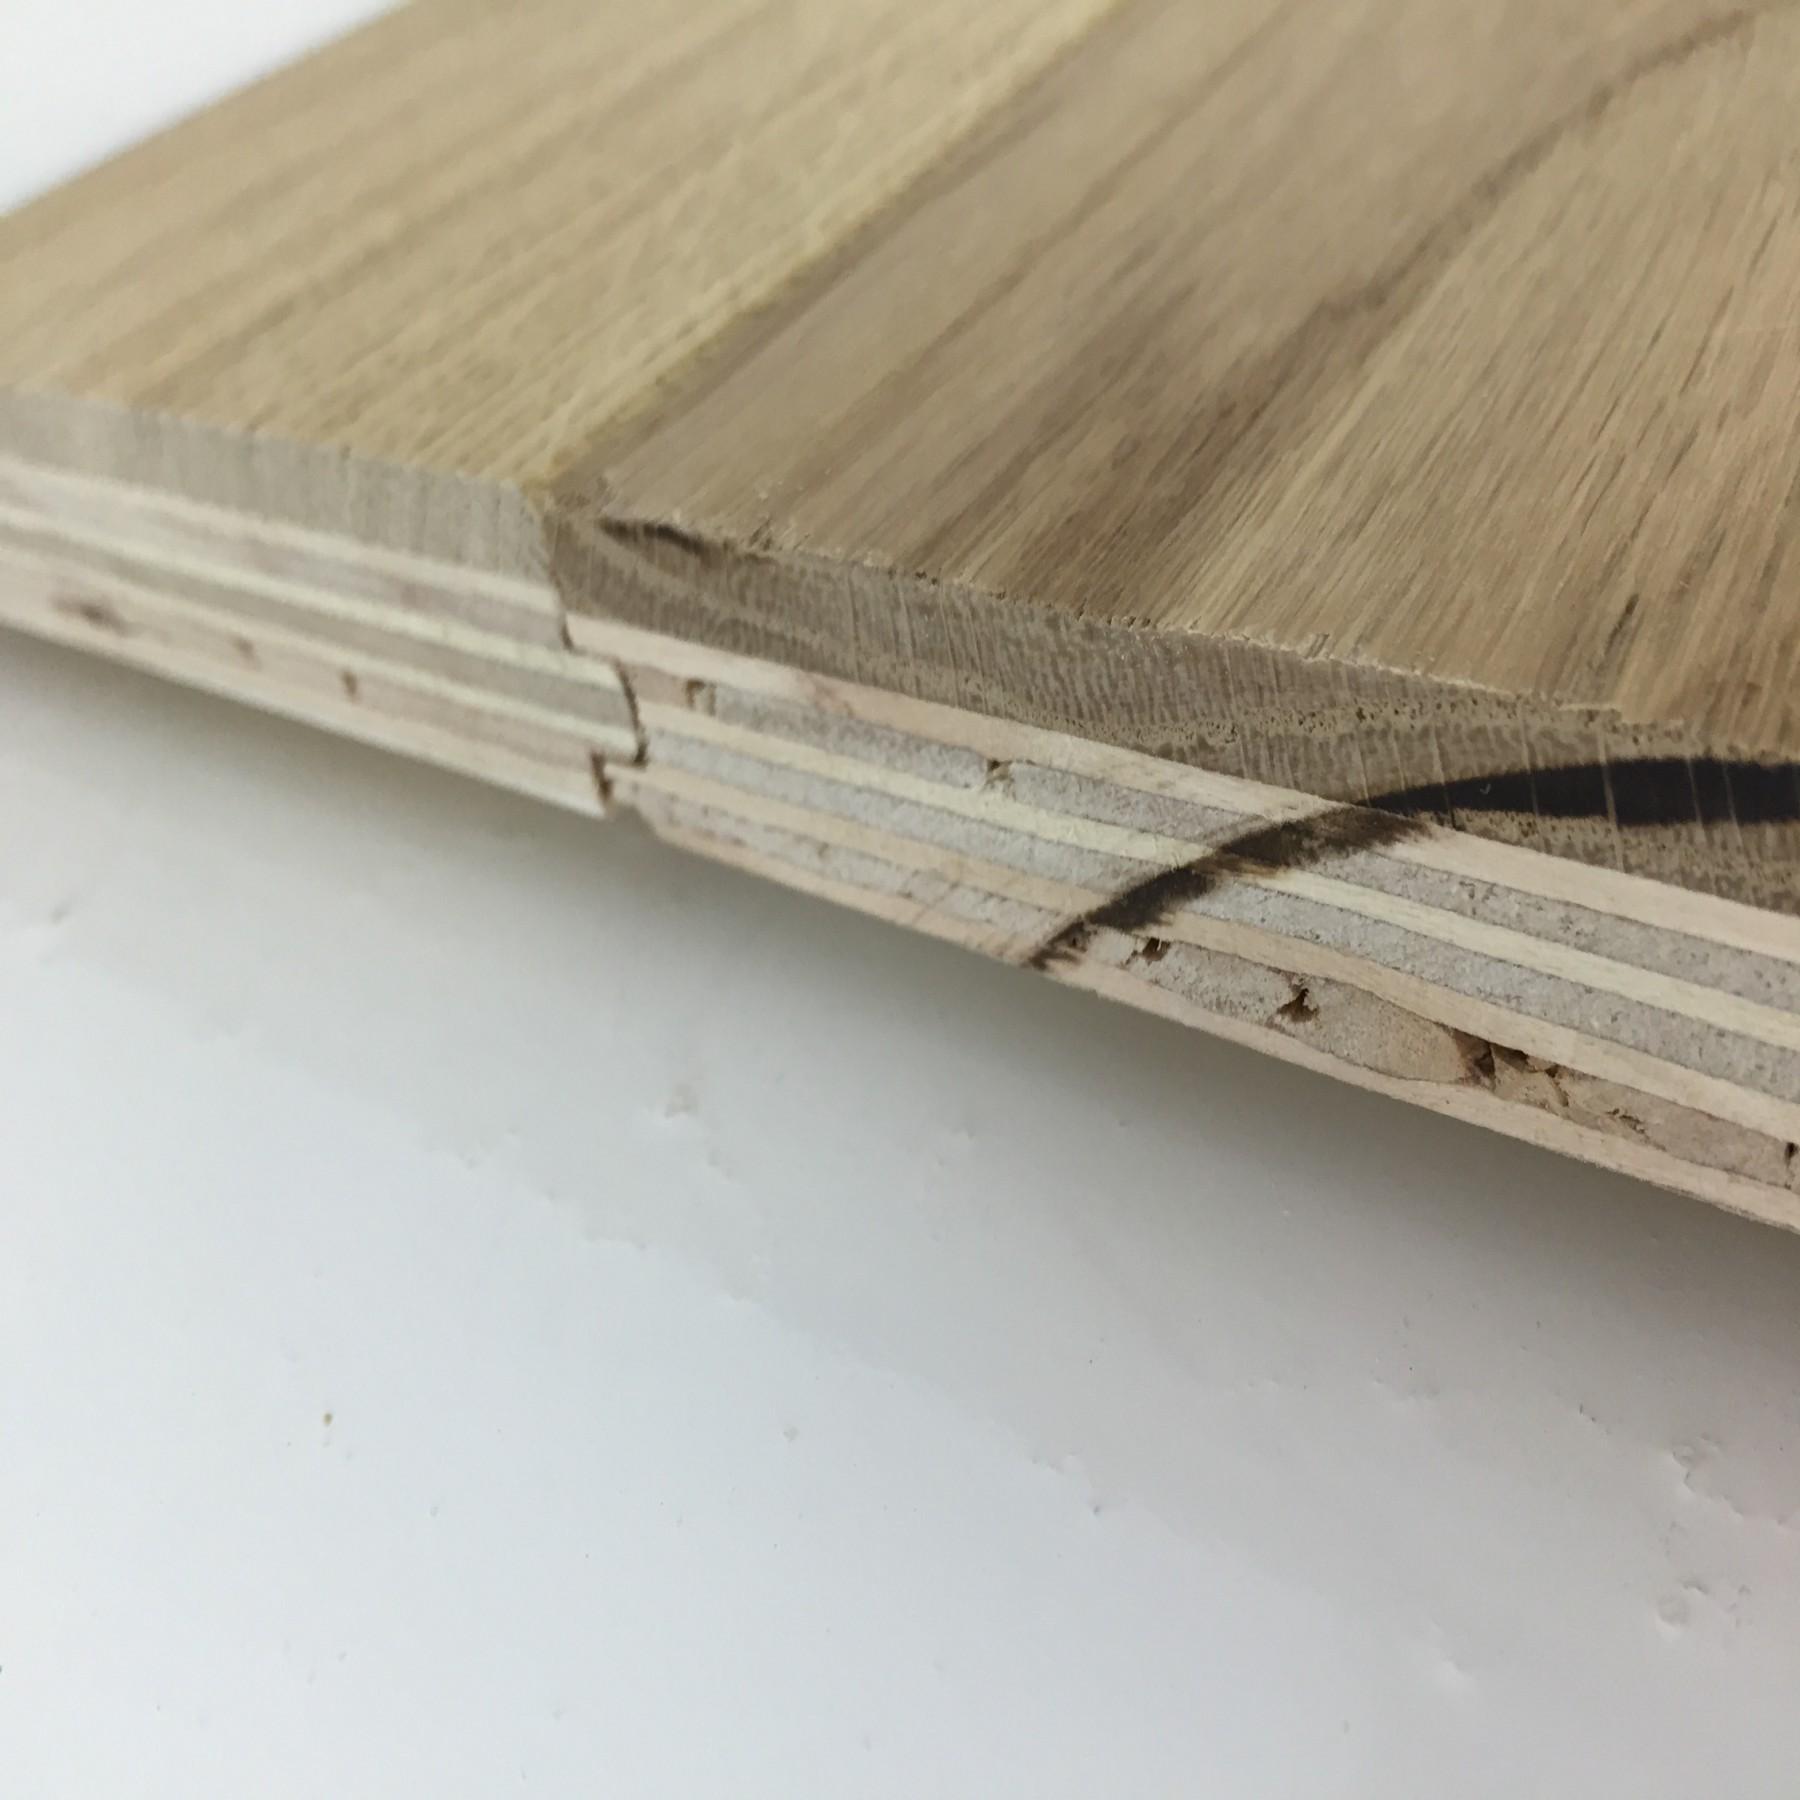 BELLA ATLANTA Oak Flooring Brushed & Oiled